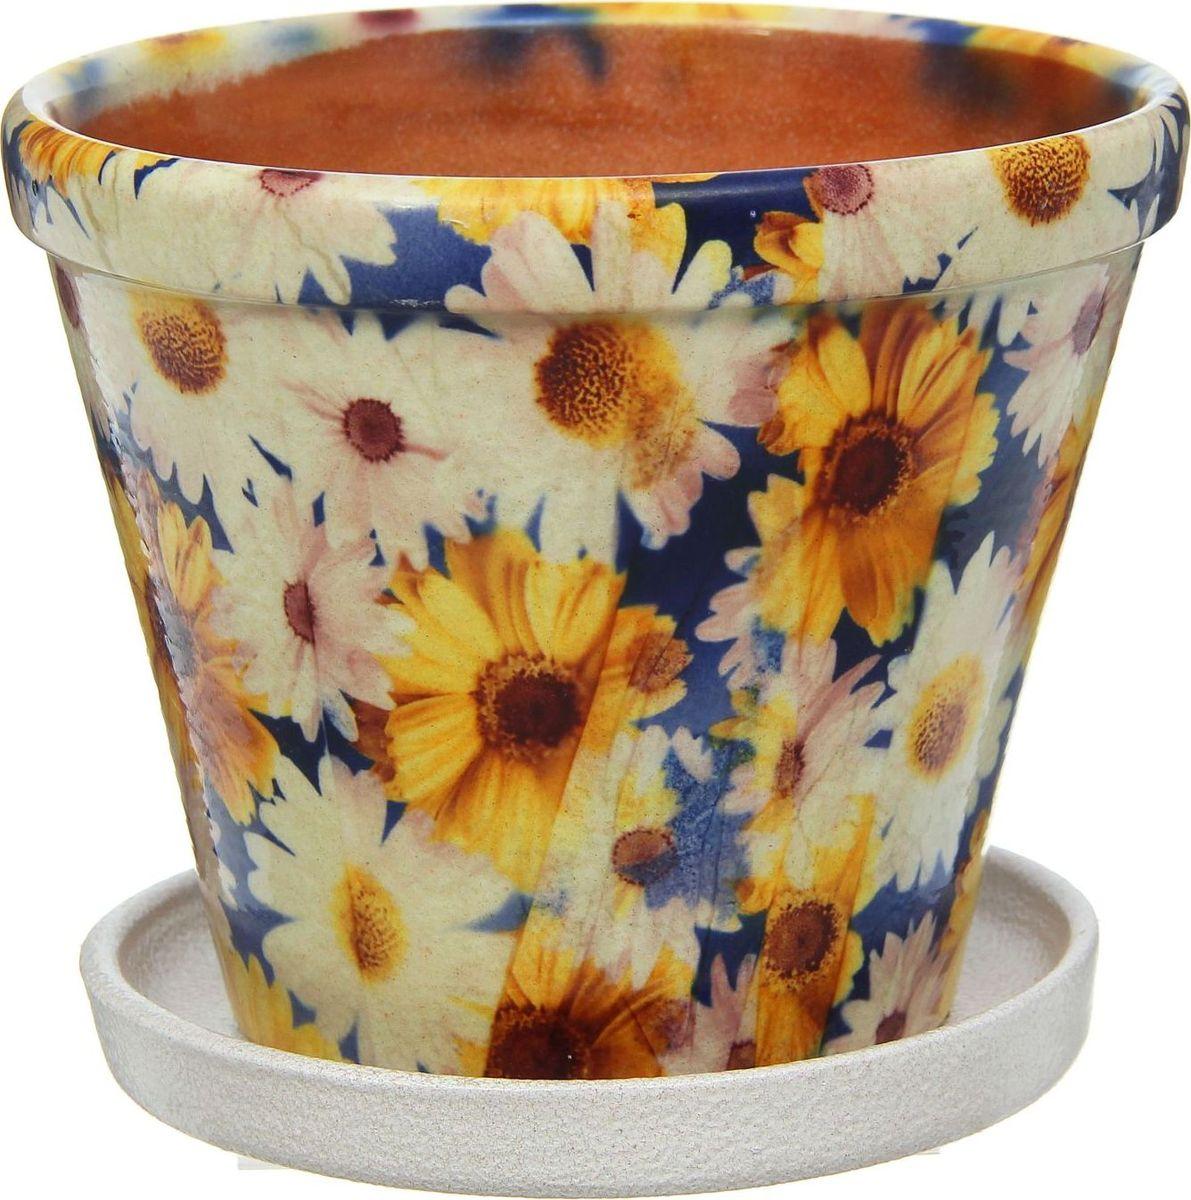 Кашпо Цветник. Ромашки, цвет: синий, 1,5 л1253877Комнатные растения — всеобщие любимцы. Они радуют глаз, насыщают помещение кислородом и украшают пространство. Каждому из них необходим свой удобный и красивый дом. Кашпо из керамики прекрасно подходят для высадки растений: за счет пластичности глины и разных способов обработки существует великое множество форм и дизайнов пористый материал позволяет испаряться лишней влаге воздух, необходимый для дыхания корней, проникает сквозь керамические стенки! позаботится о зеленом питомце, освежит интерьер и подчеркнет его стиль.